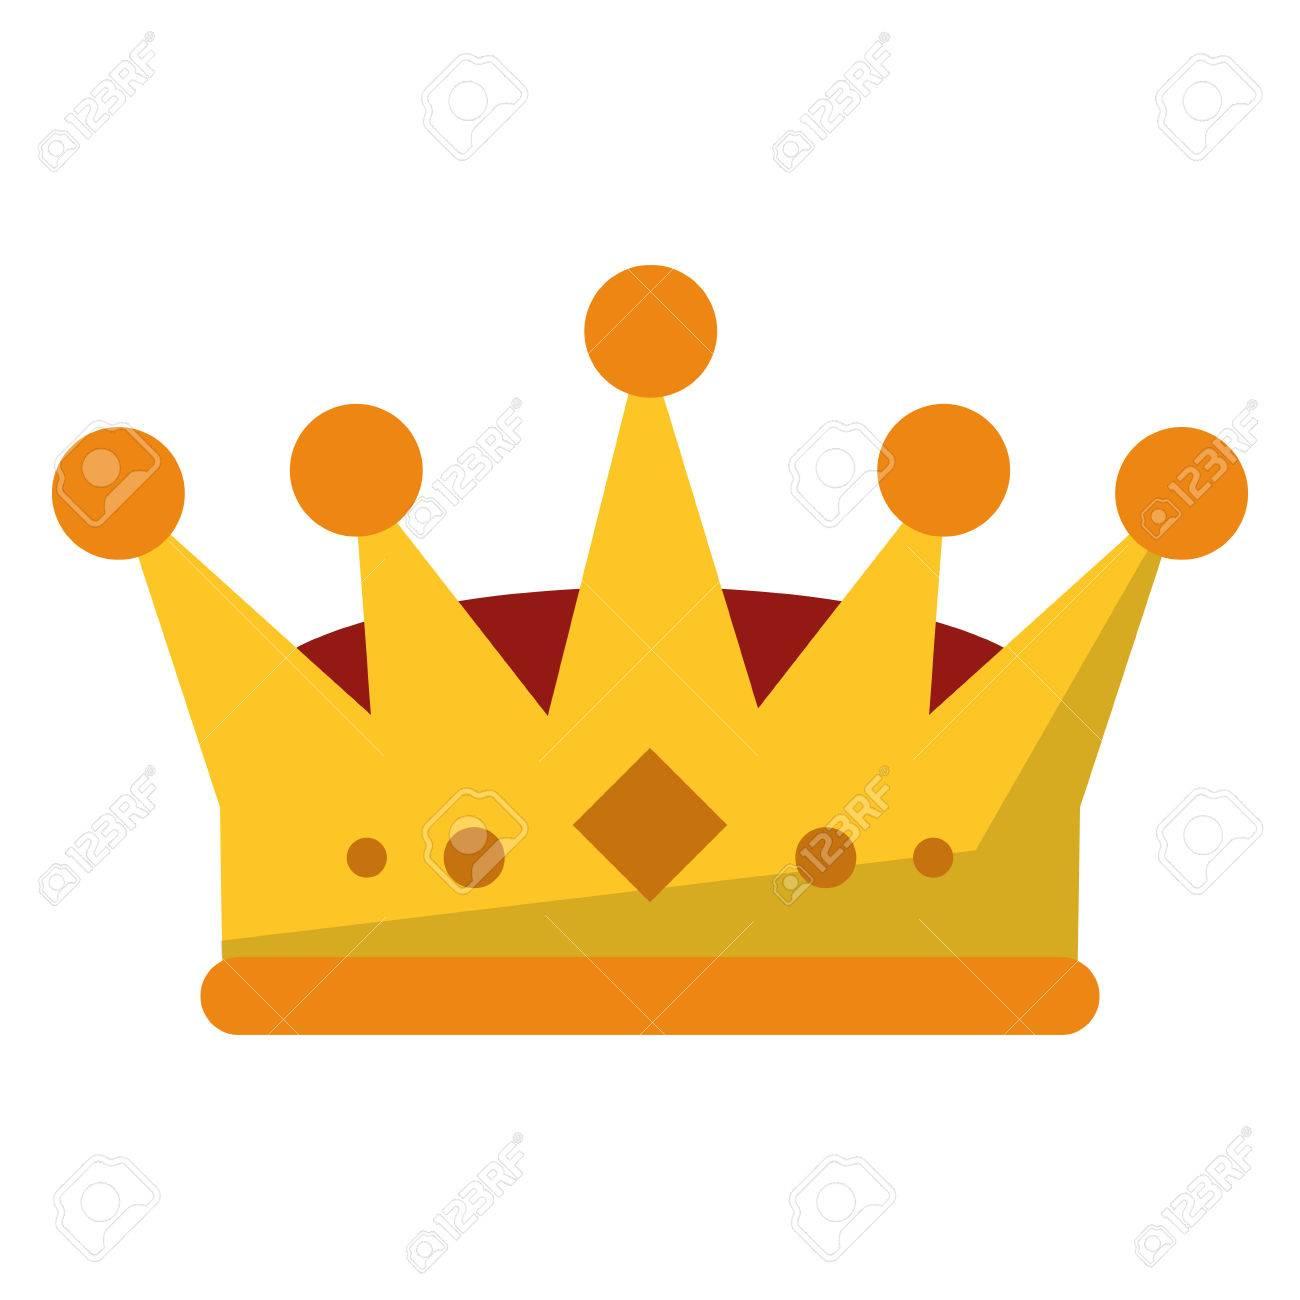 Imagen De Icono De La Corona Rey De Joyería De Lujo Reina Y El Tema